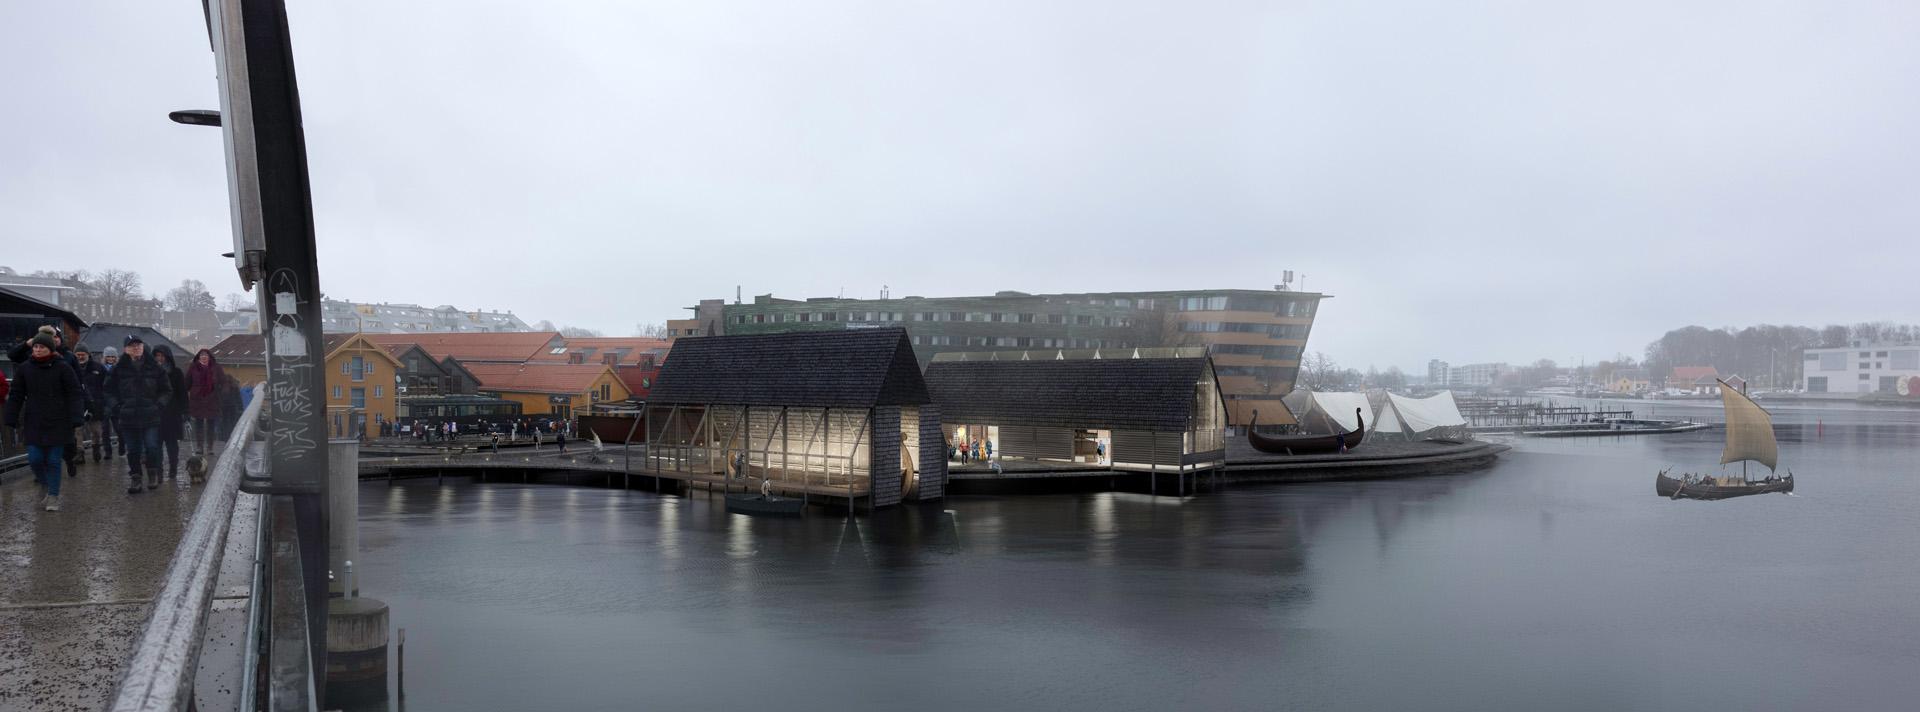 Vikingodden